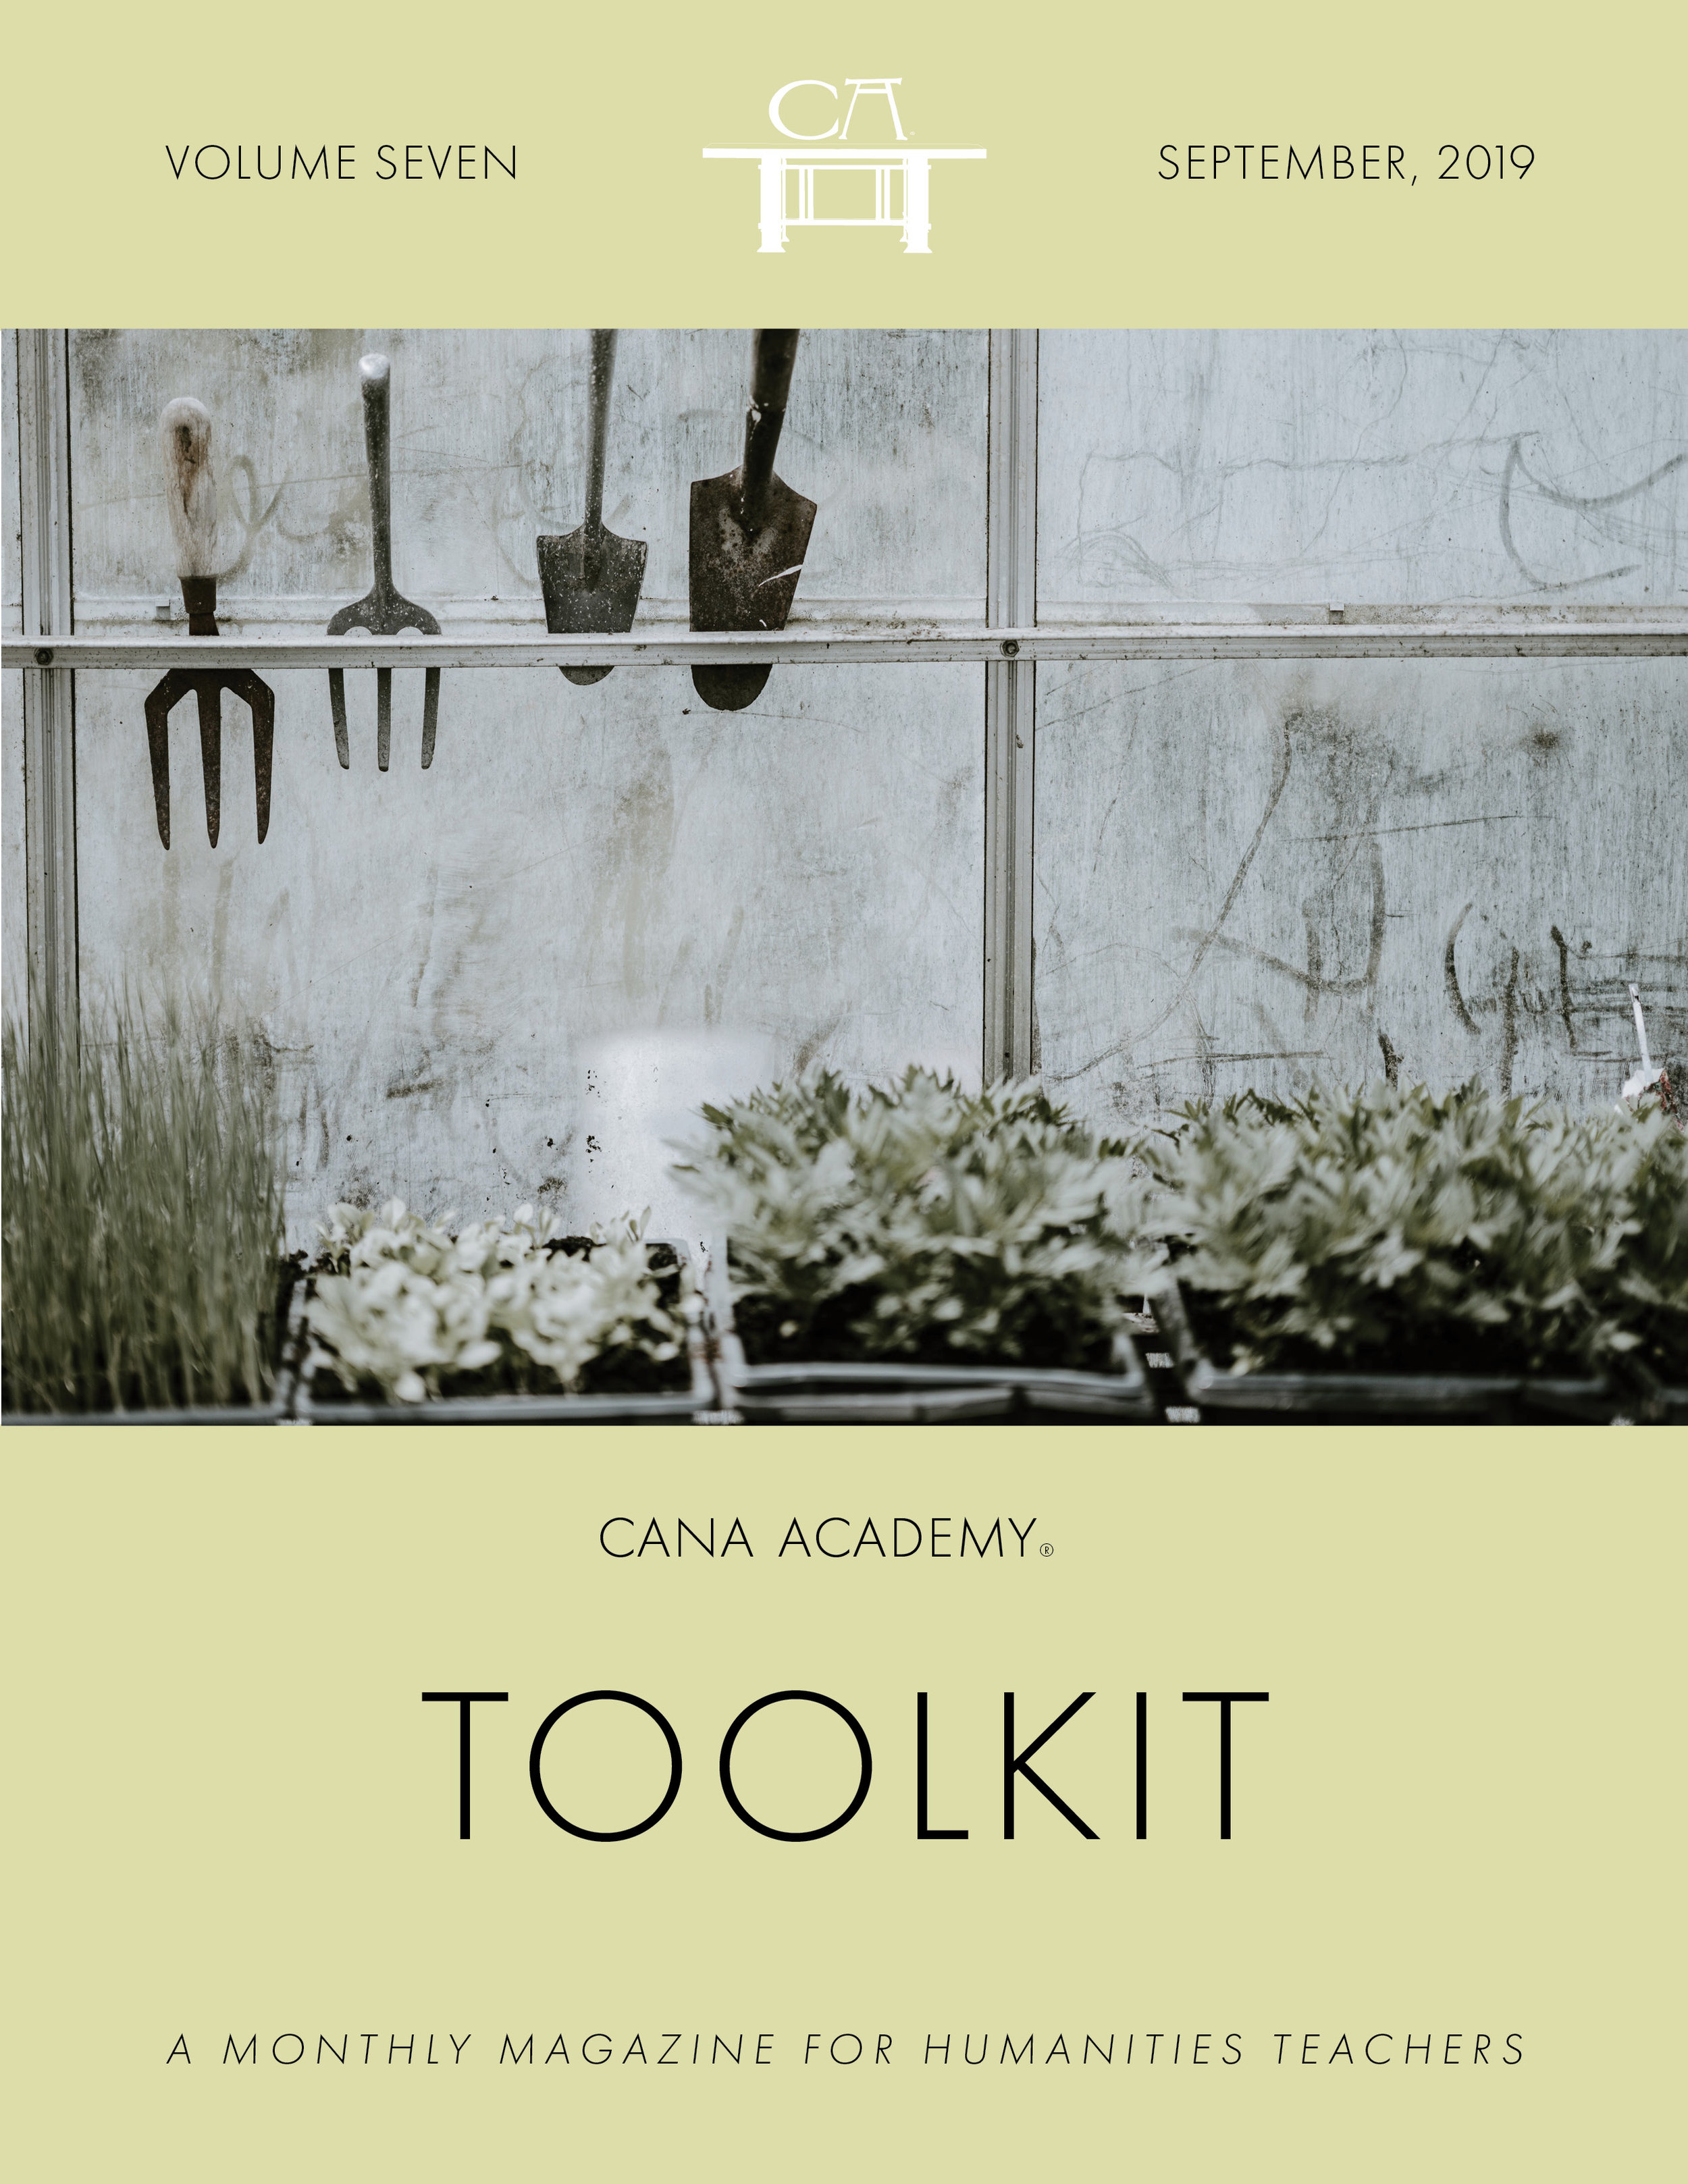 September Toolkit cover.jpg